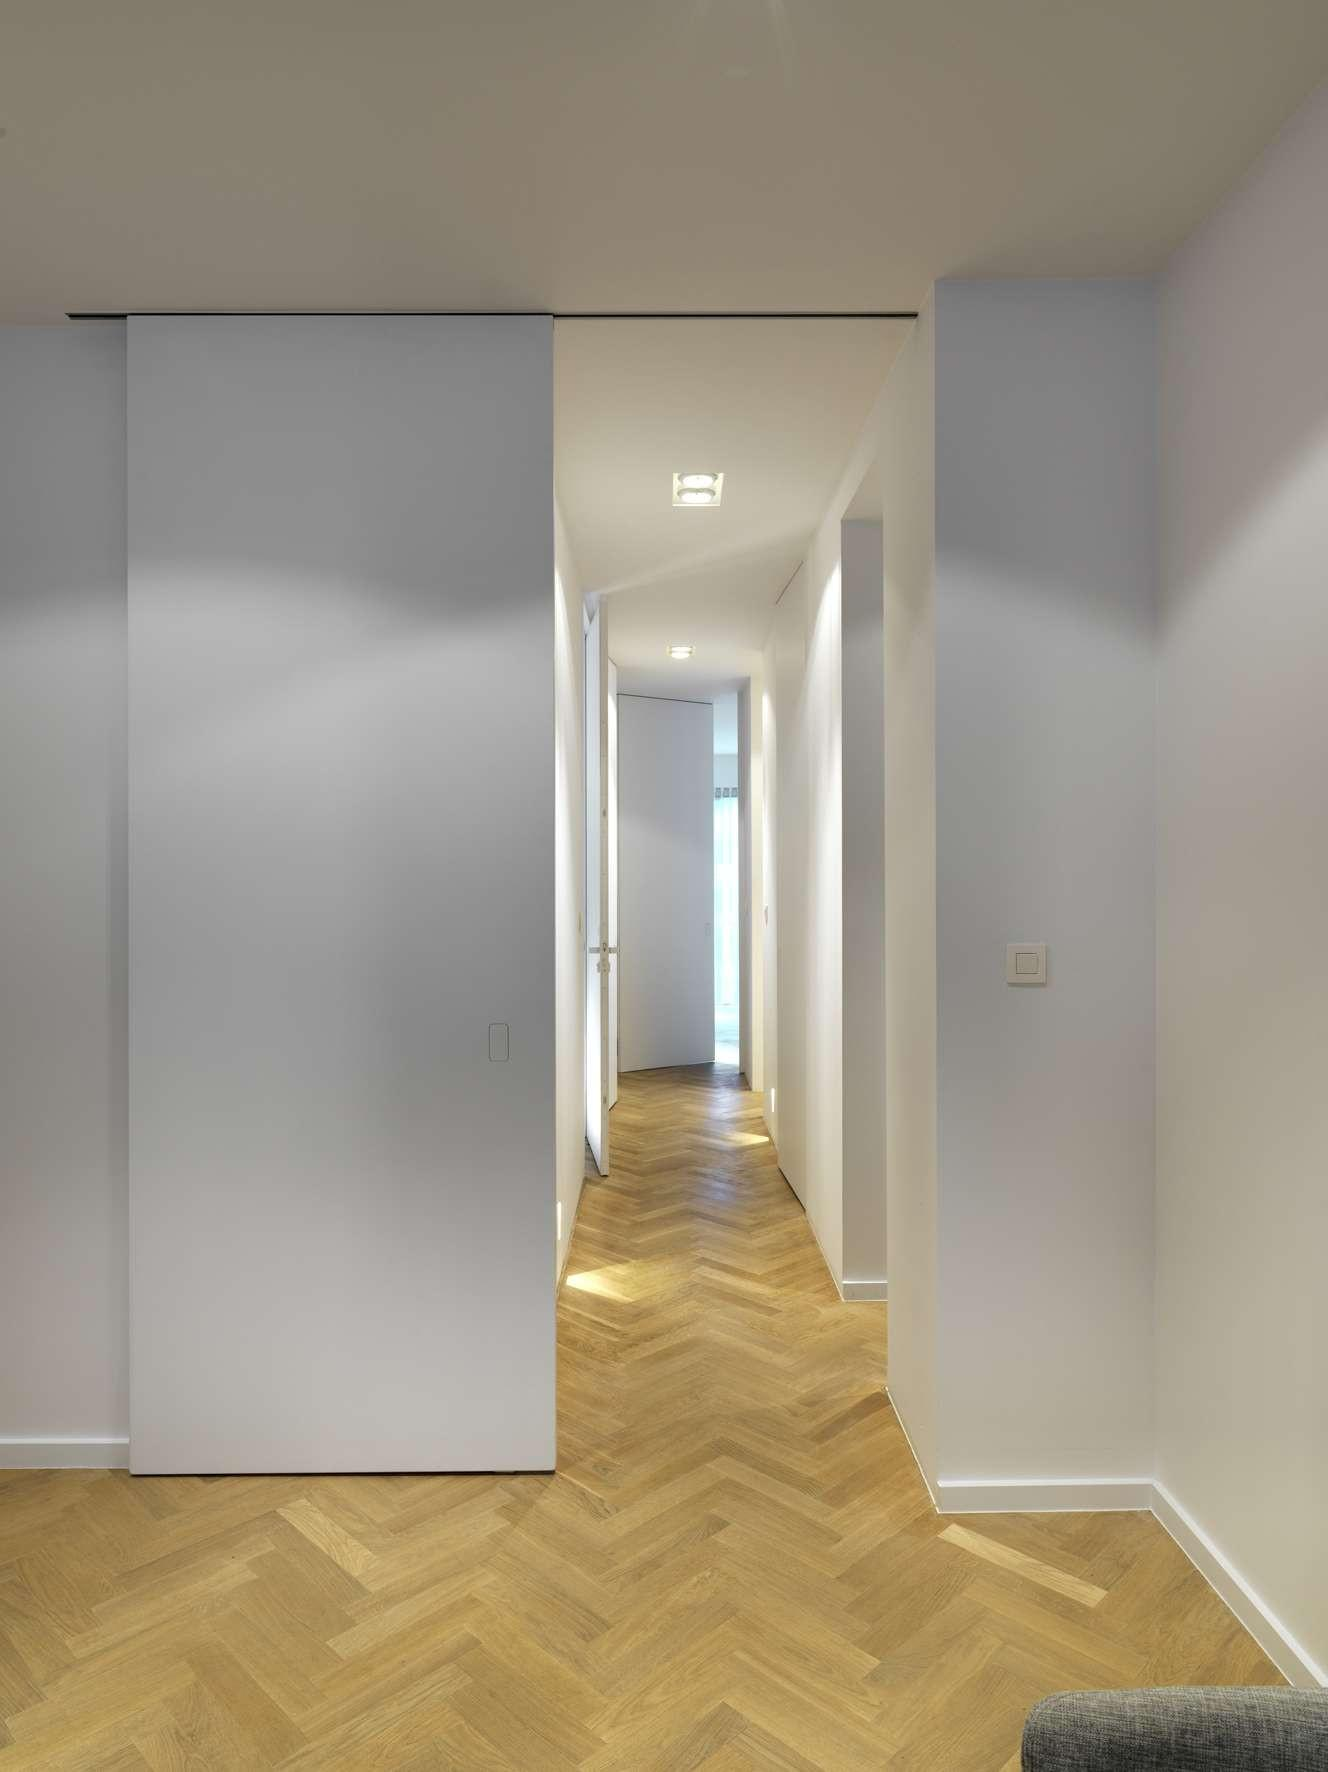 schuifdeur-modern-strak-interieur